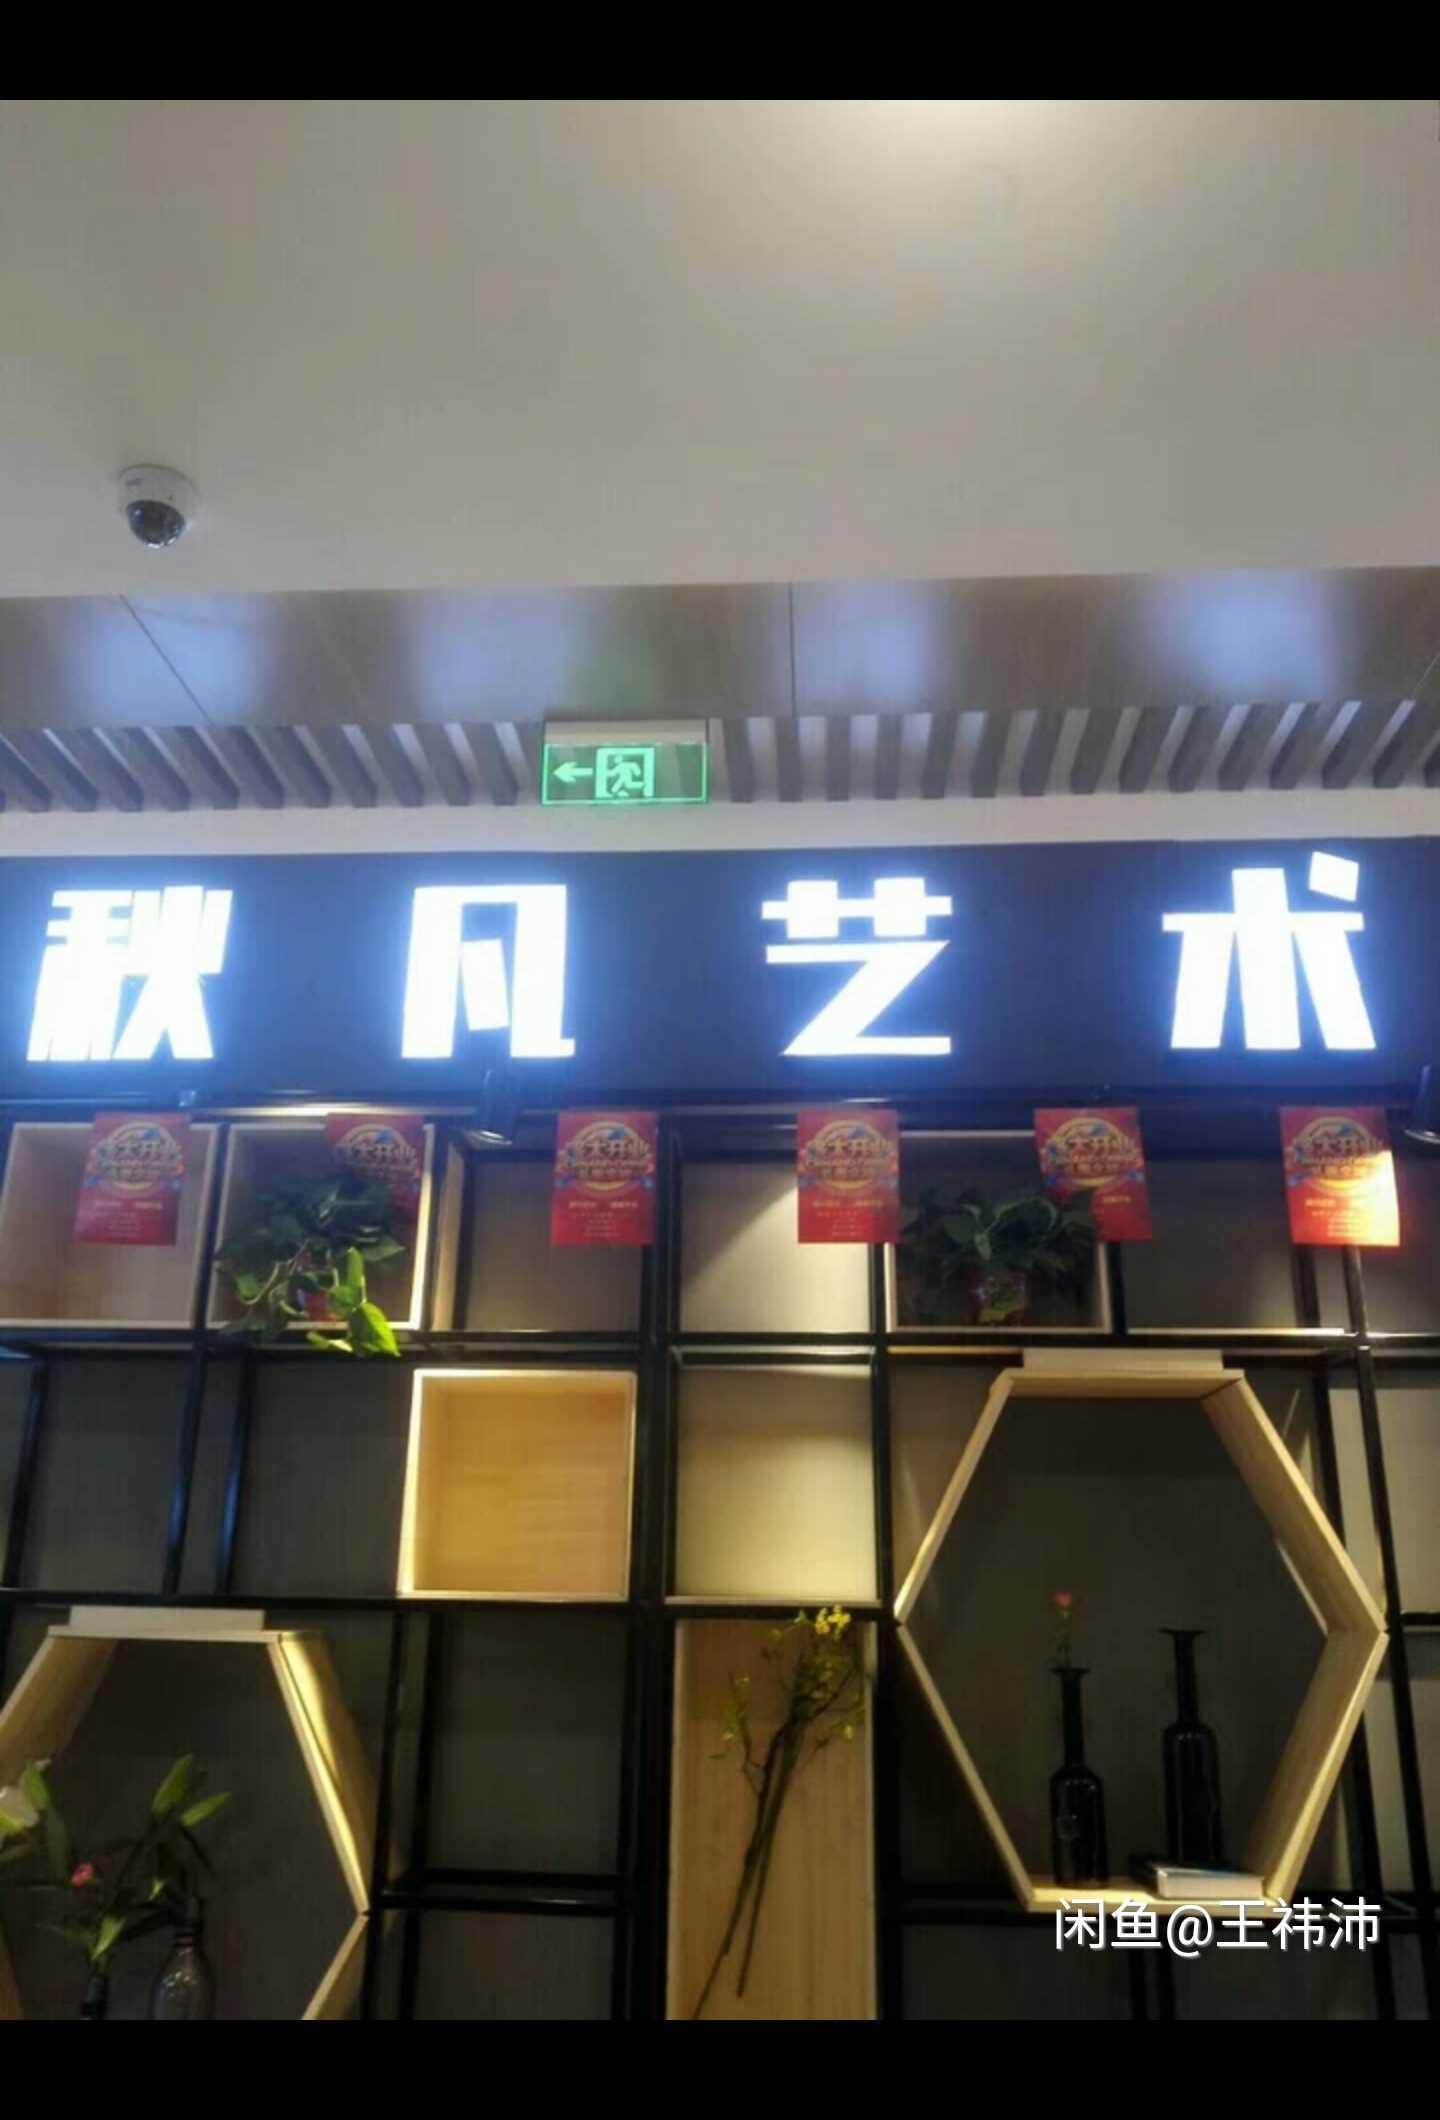 海龙电子城_郑州居然之家生意转让-河南转让网-生意转让网